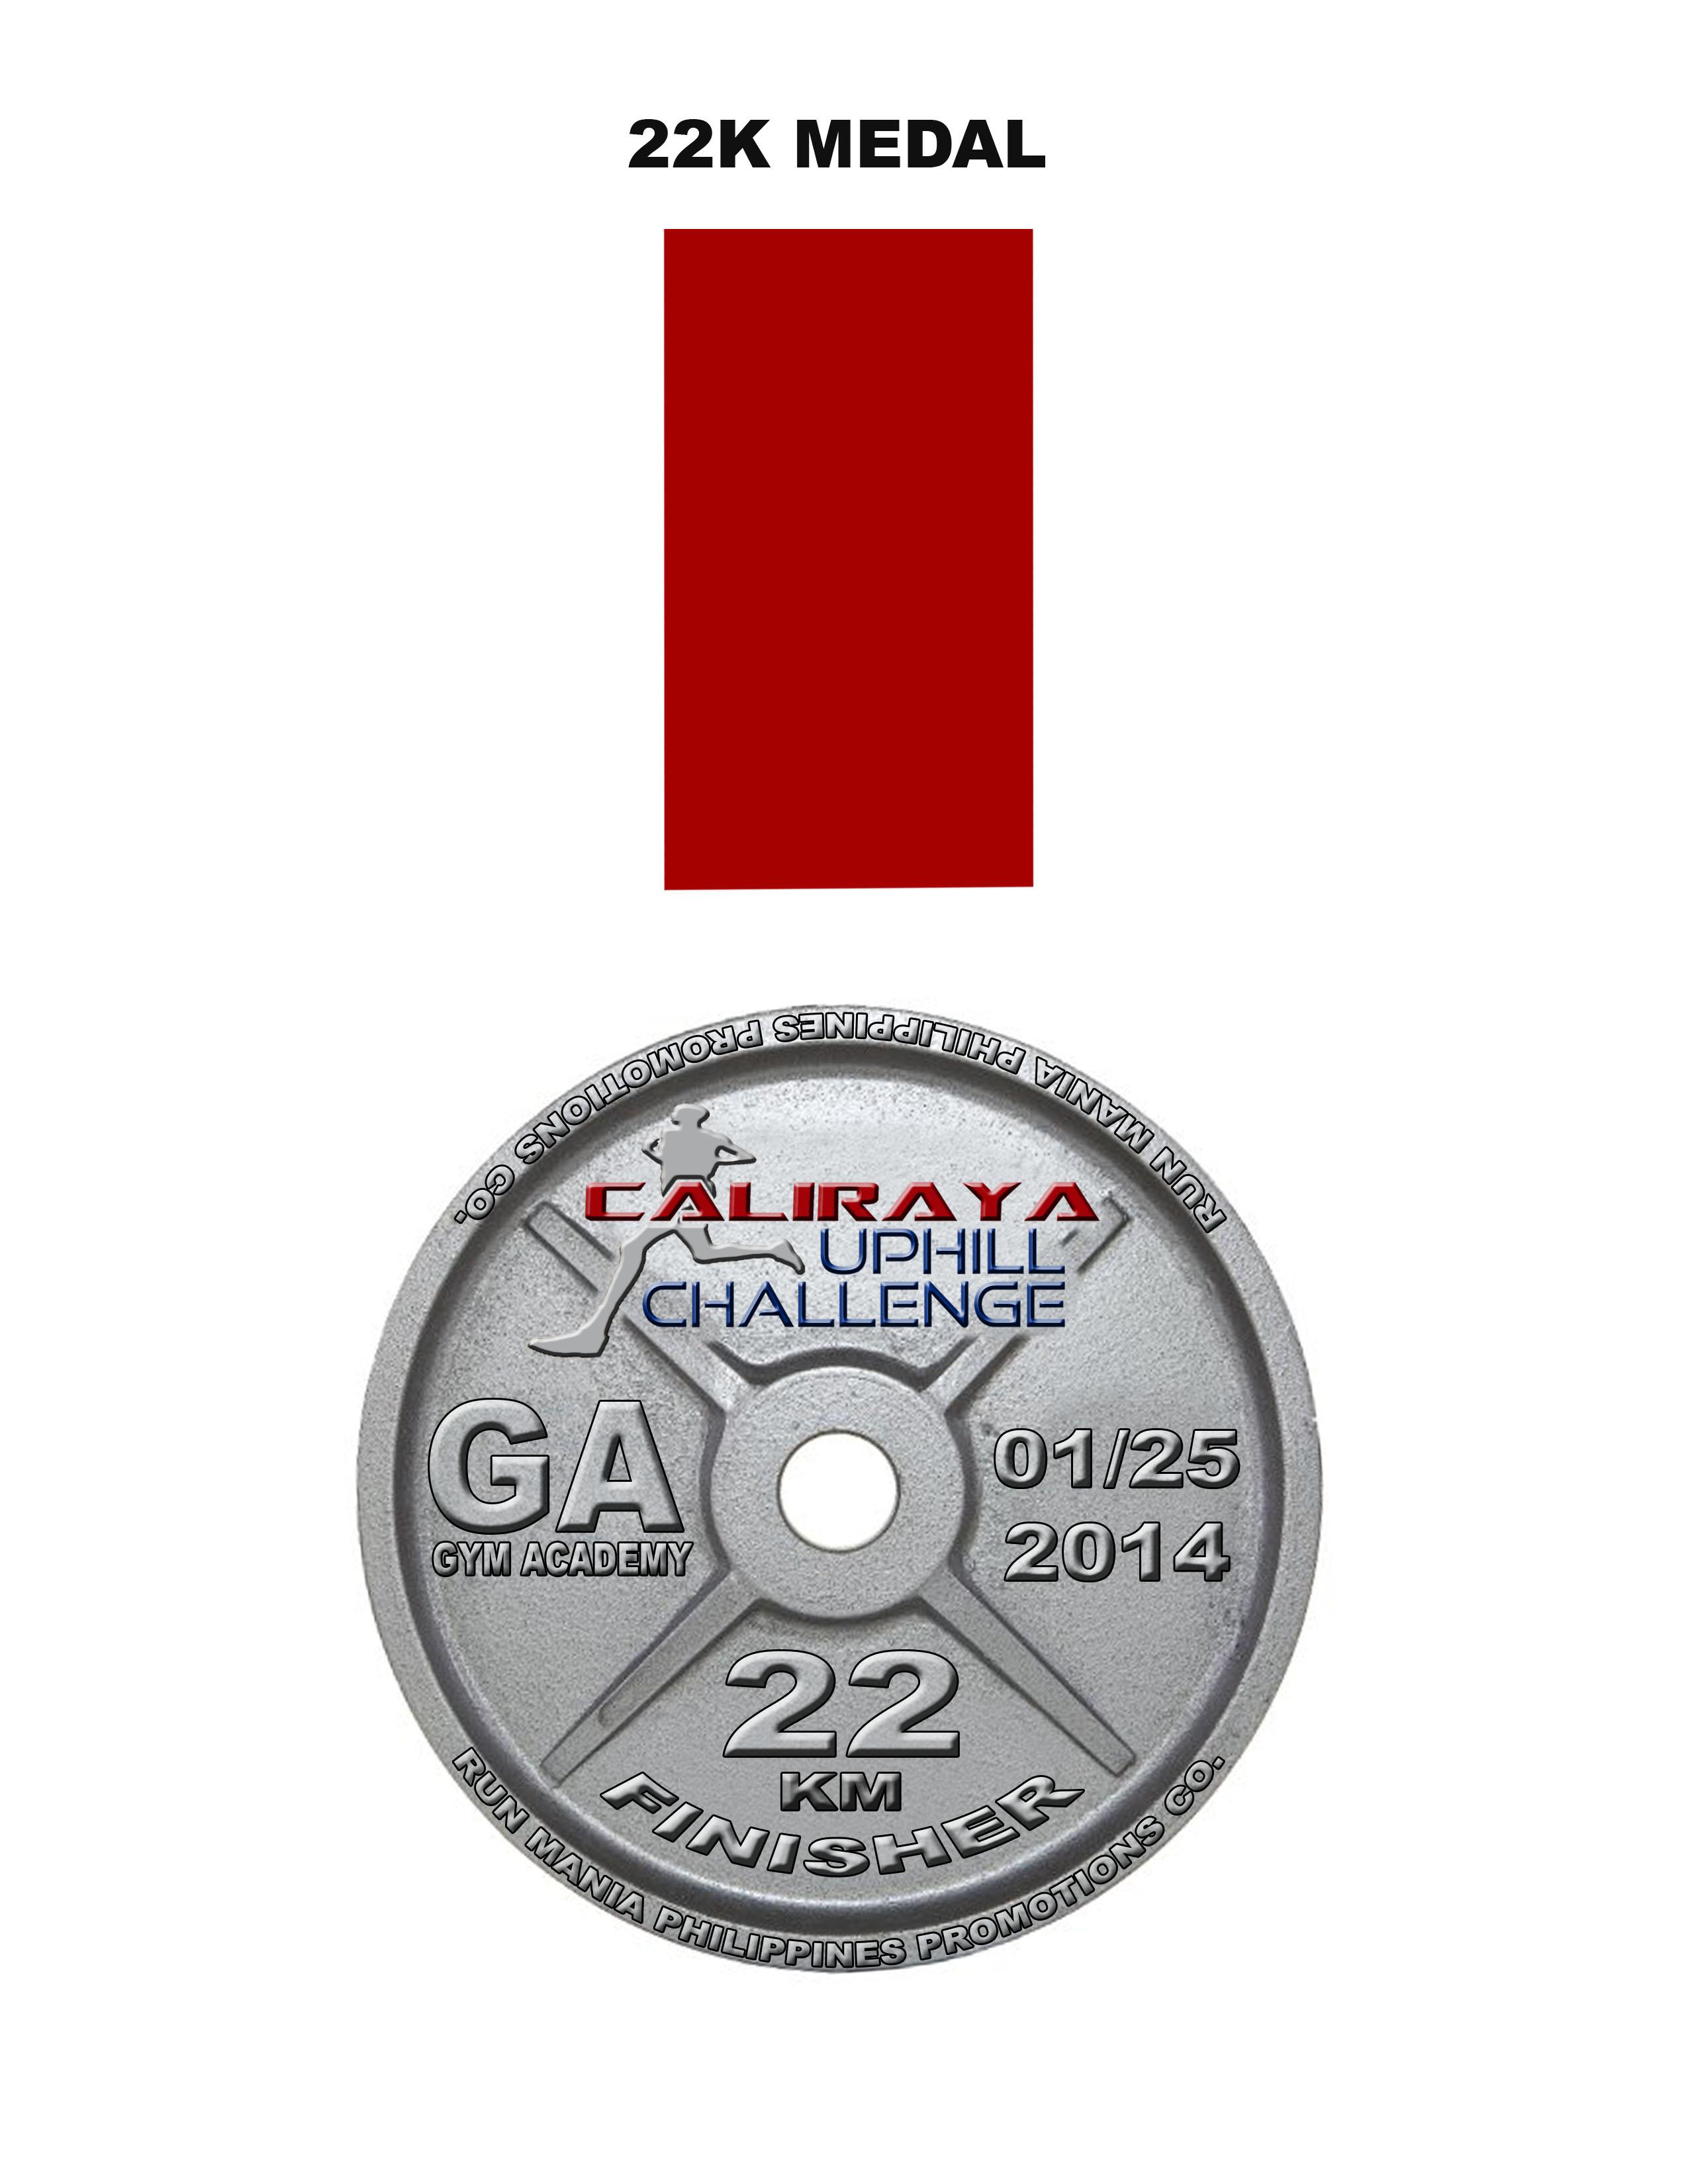 Gym-Academy-(GA)-Caliraya-Uphill-Challenge-medal